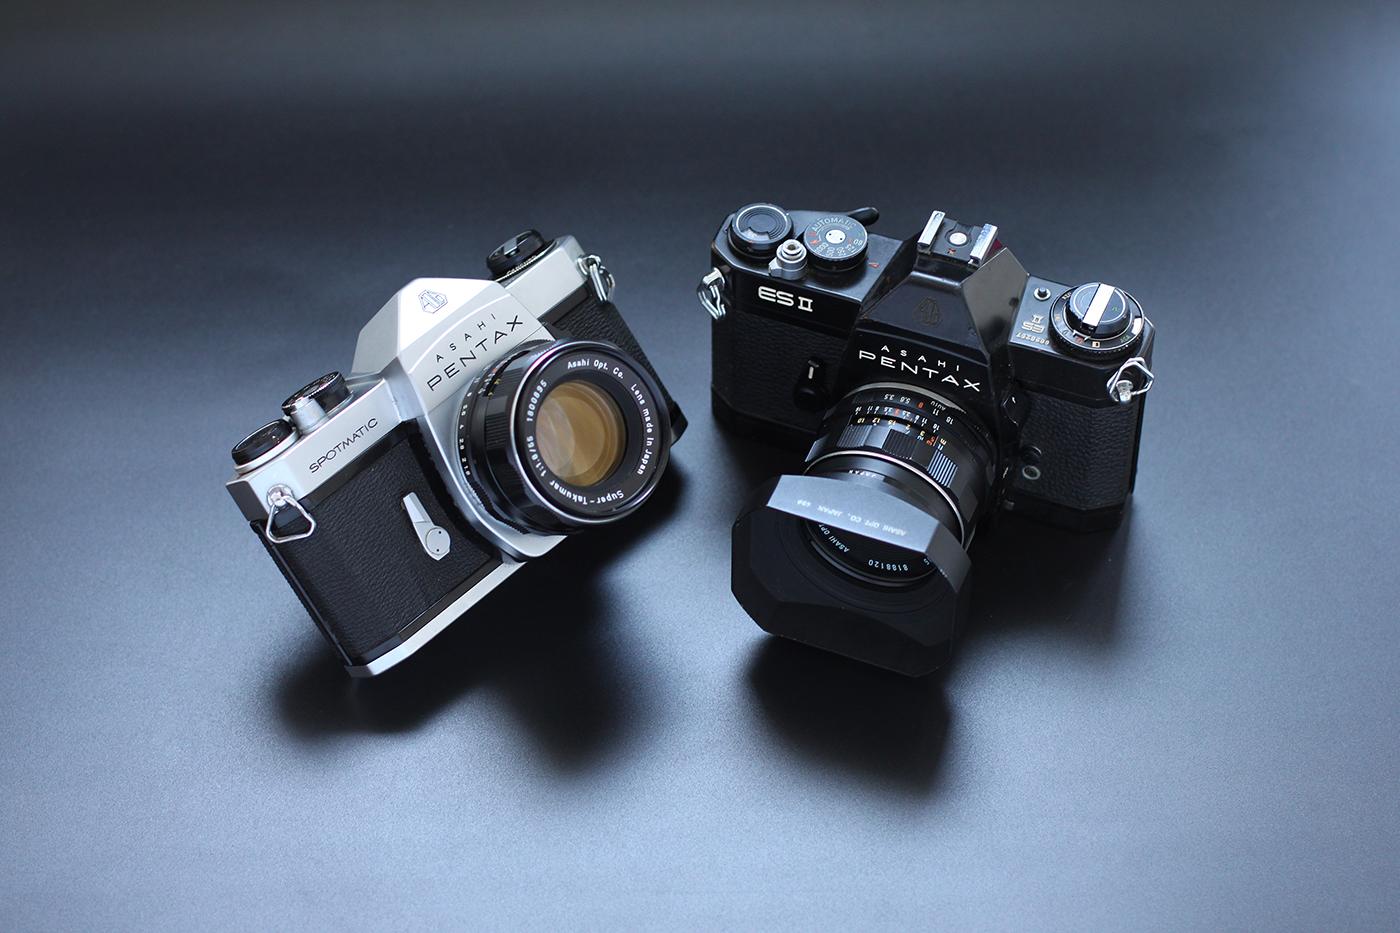 【80-98 новый 】 гость получить pentax sp spotmatic SP f машины клей объем зеркальные камера